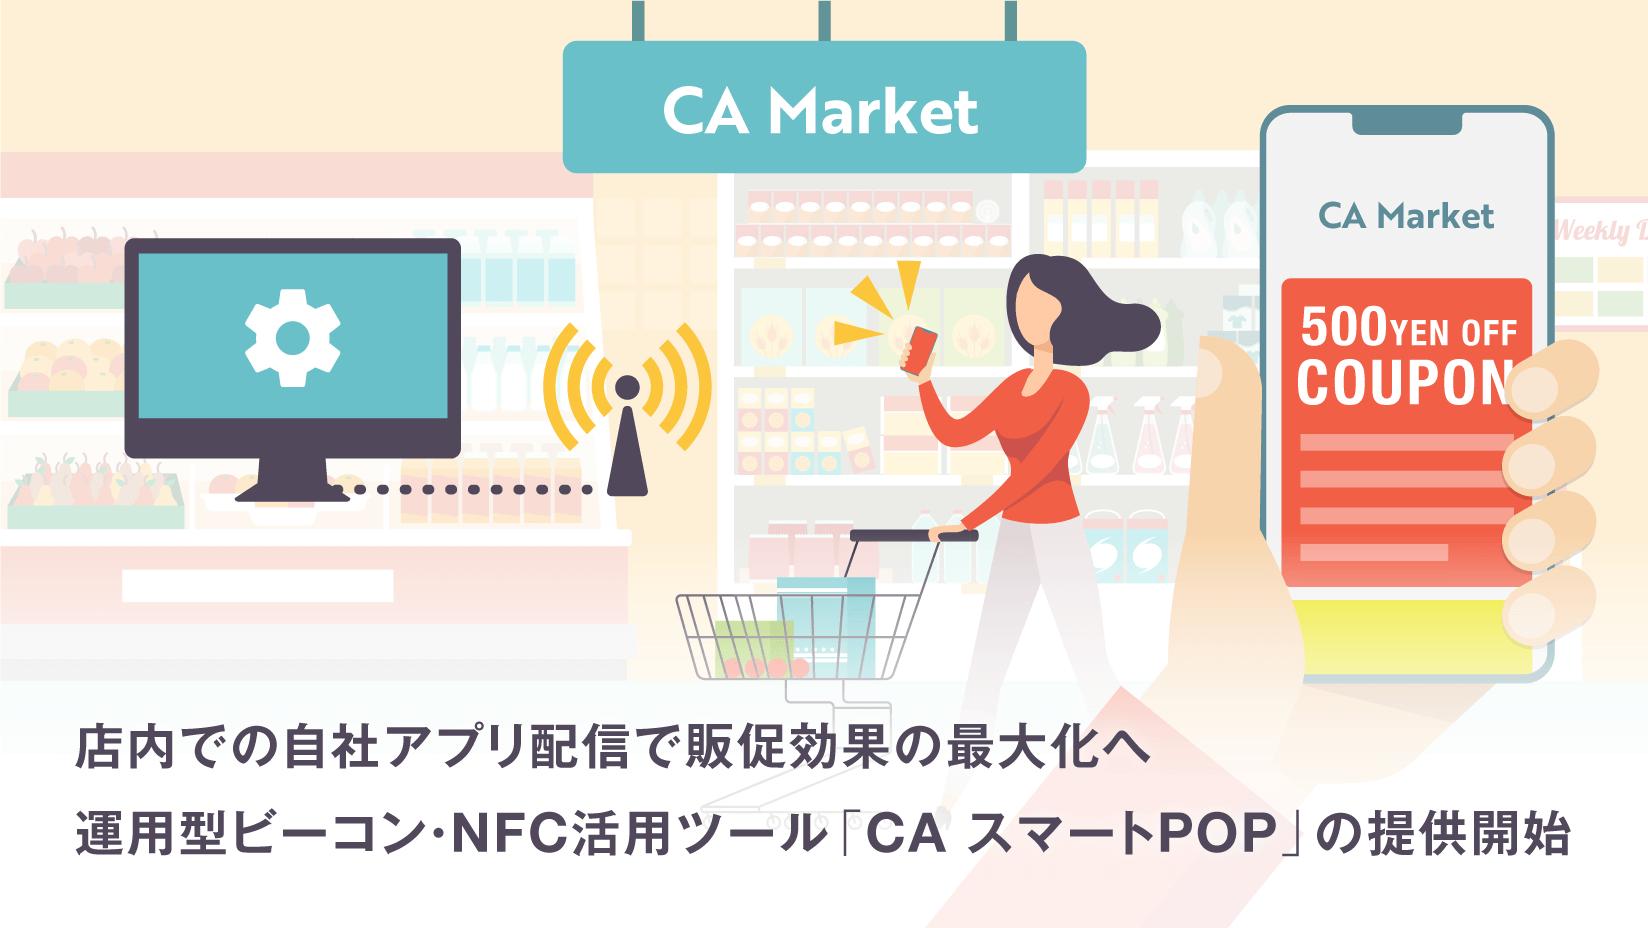 ca market